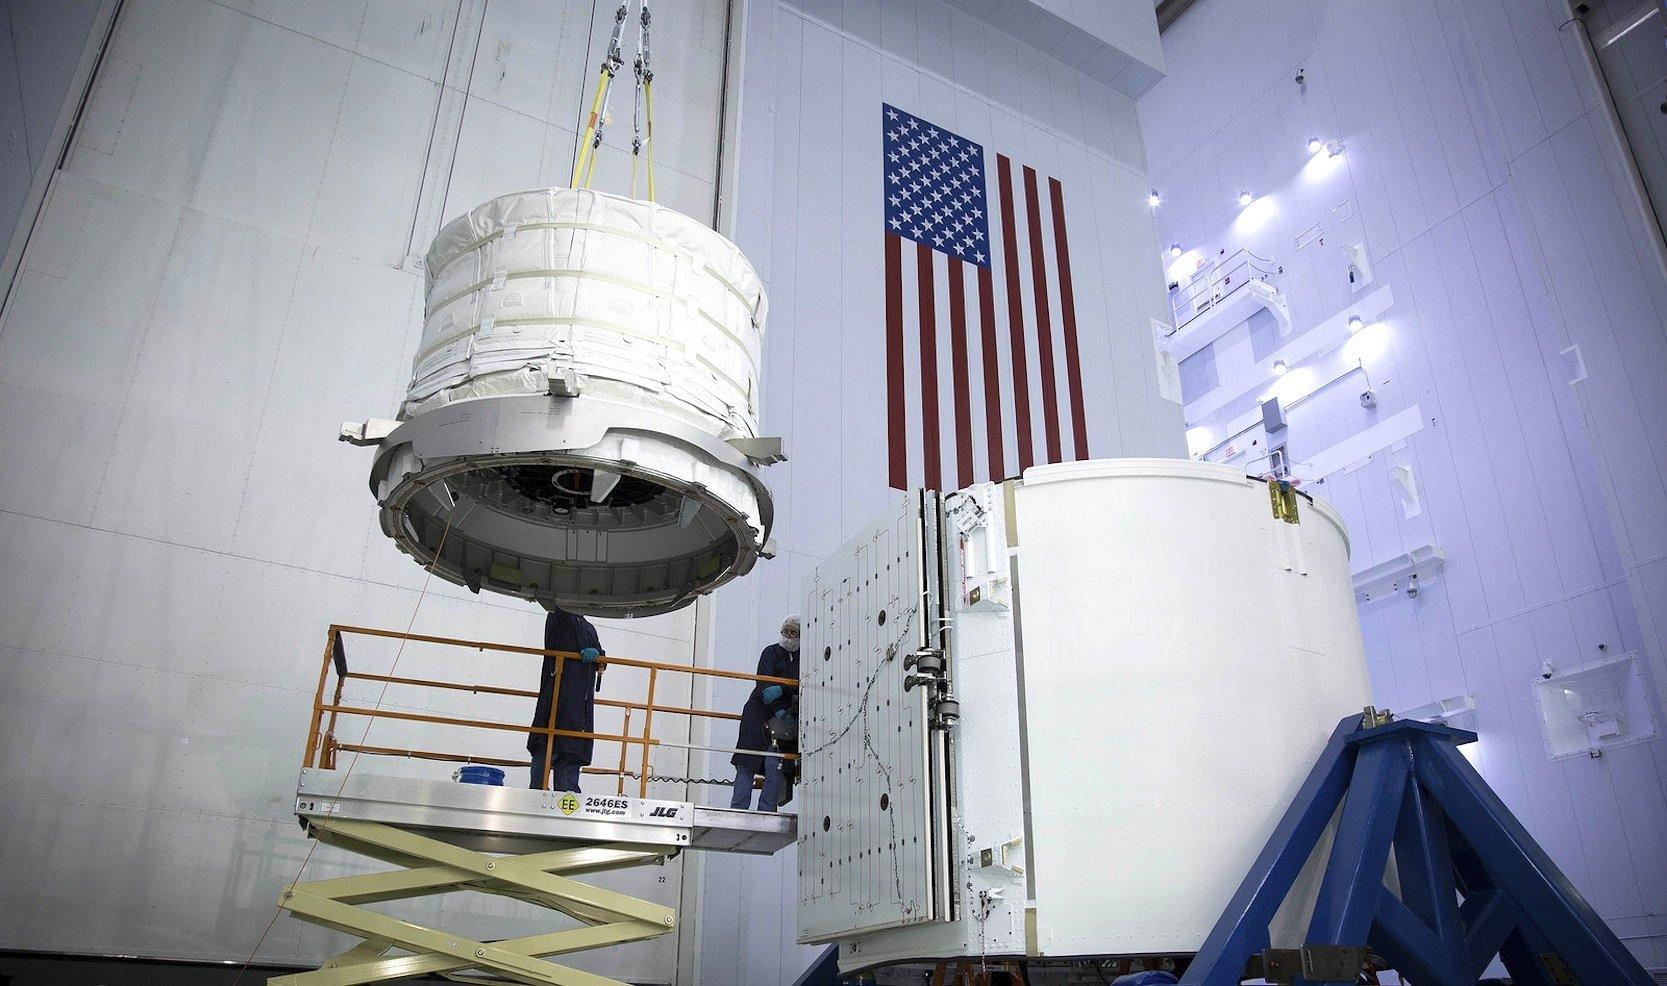 Beam lässt sich falten und passt deshalb noch in den Frachtraum des Dragon-Raumschiffs, das am Freitag mit einer Falcon-9-Rakete zur ISS startet.